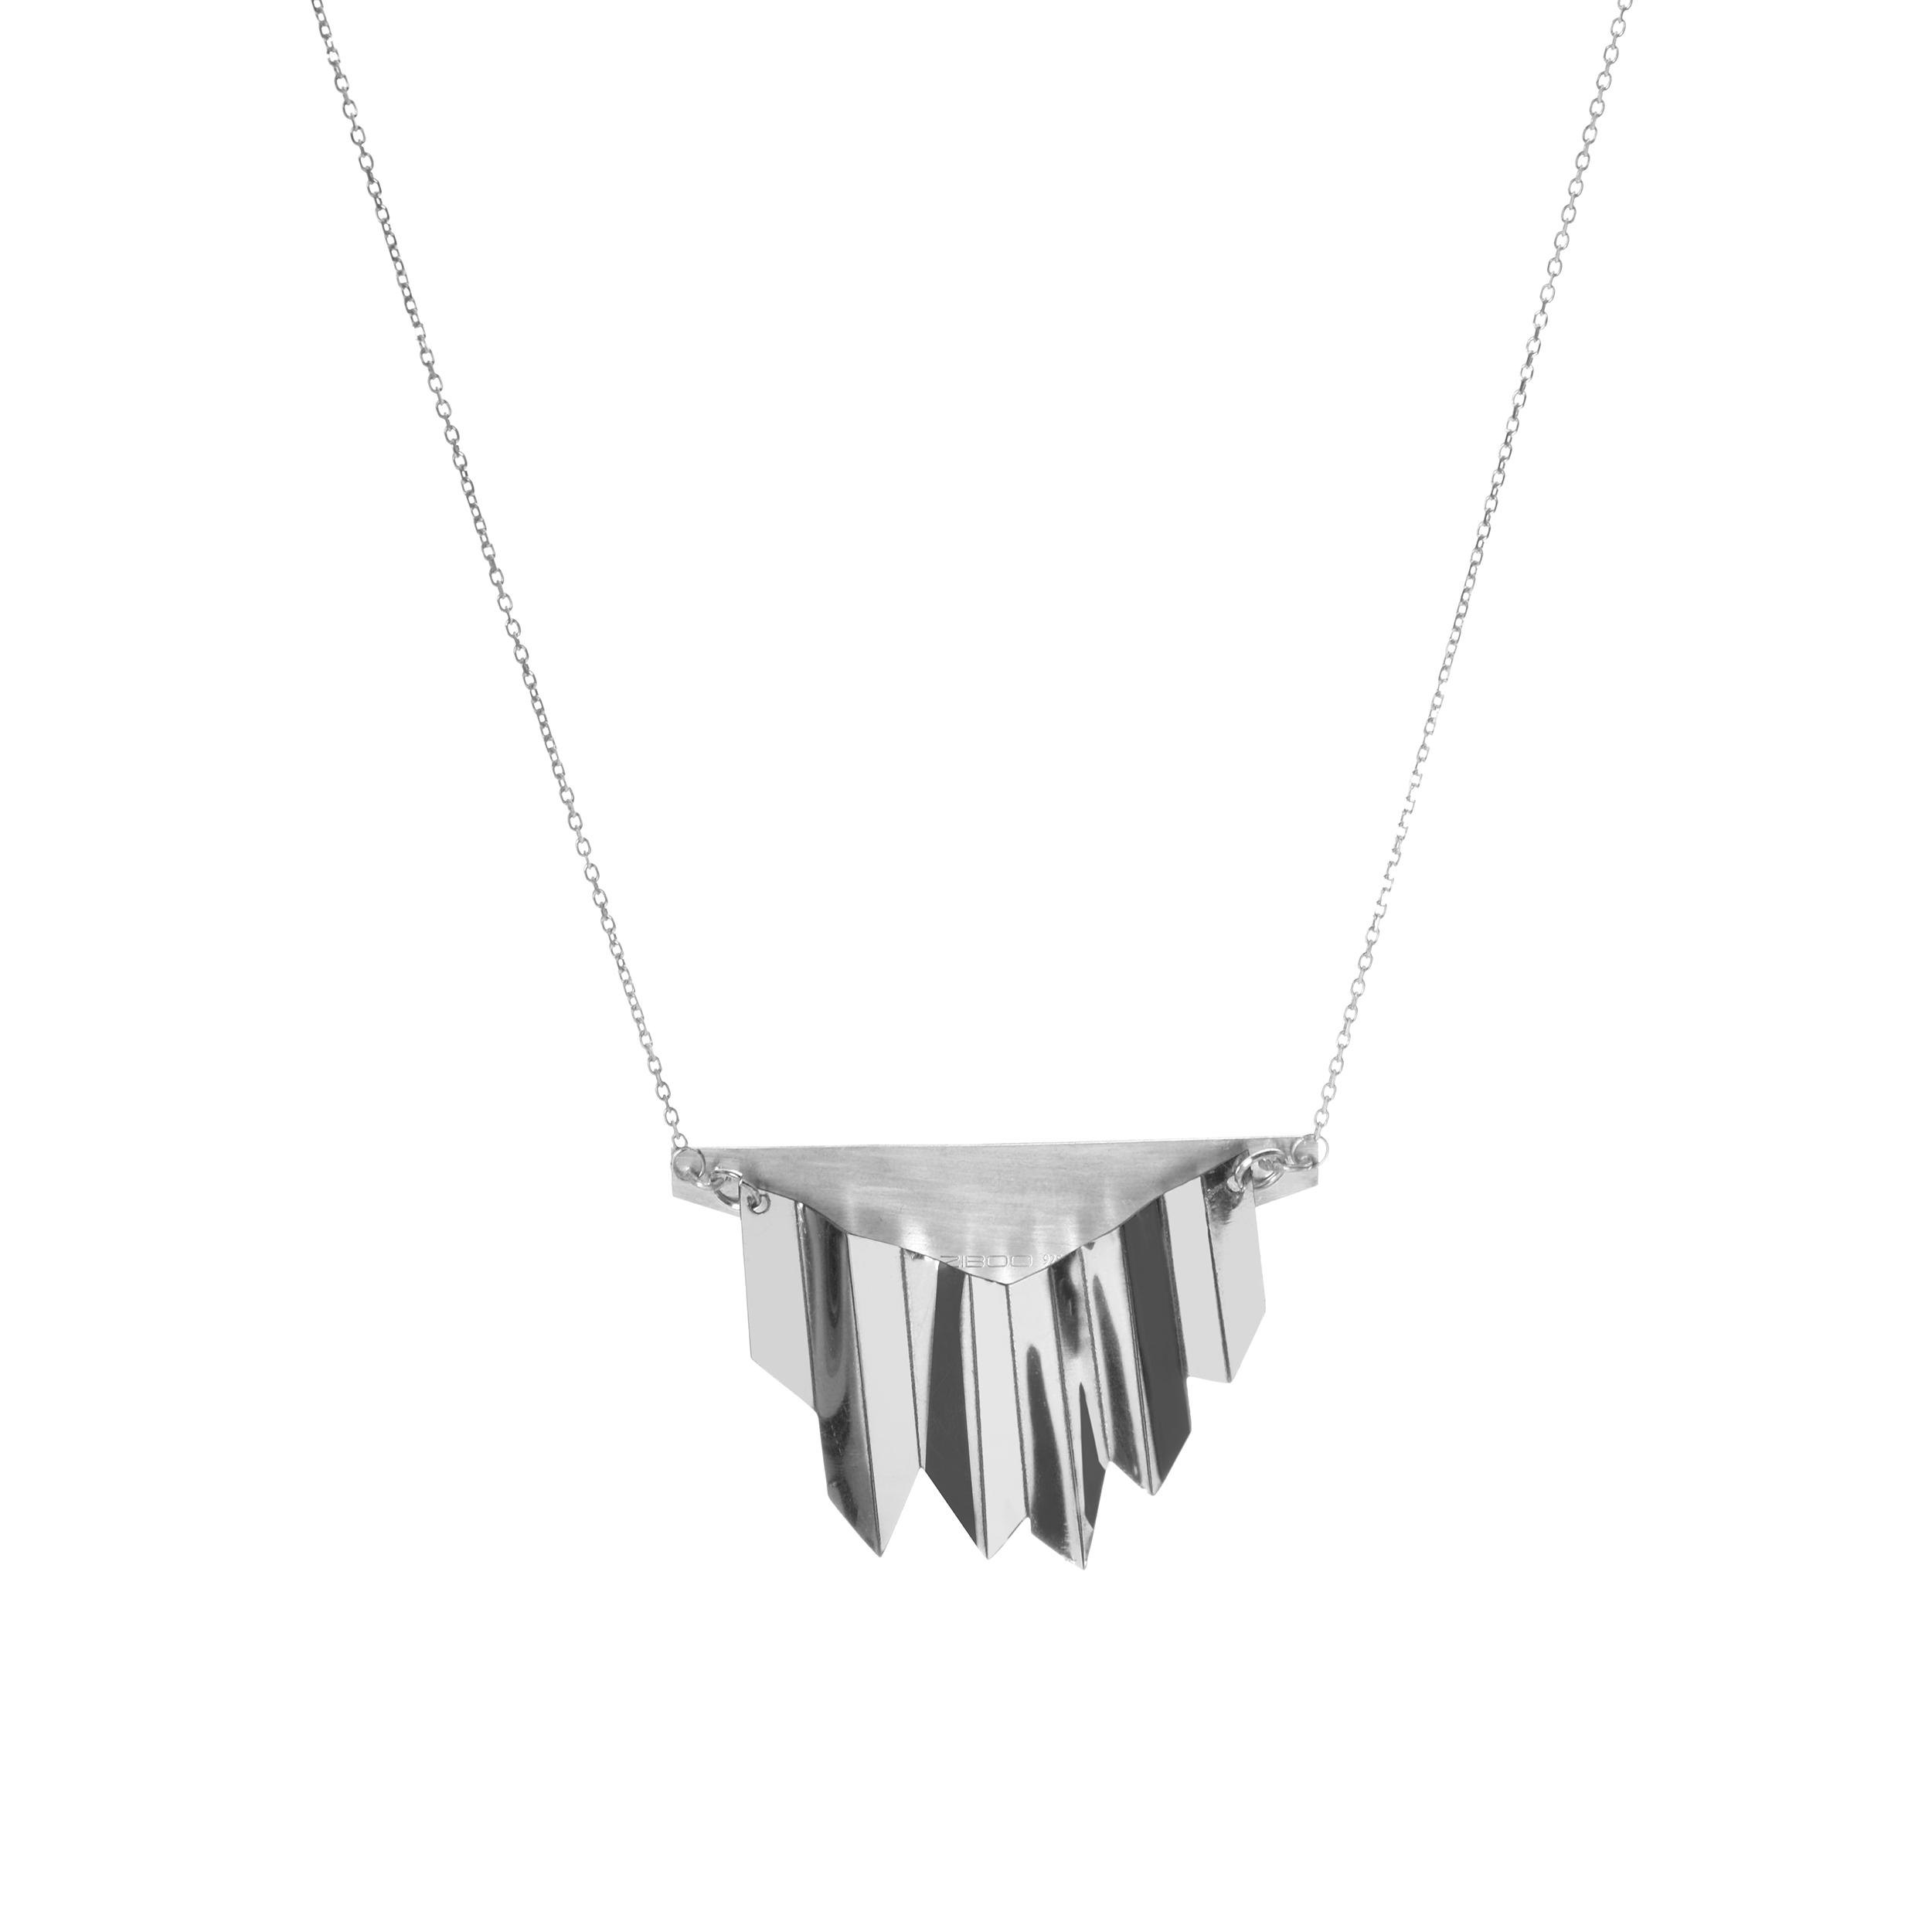 گردنبند نقره زنانه زیبو کد 508719